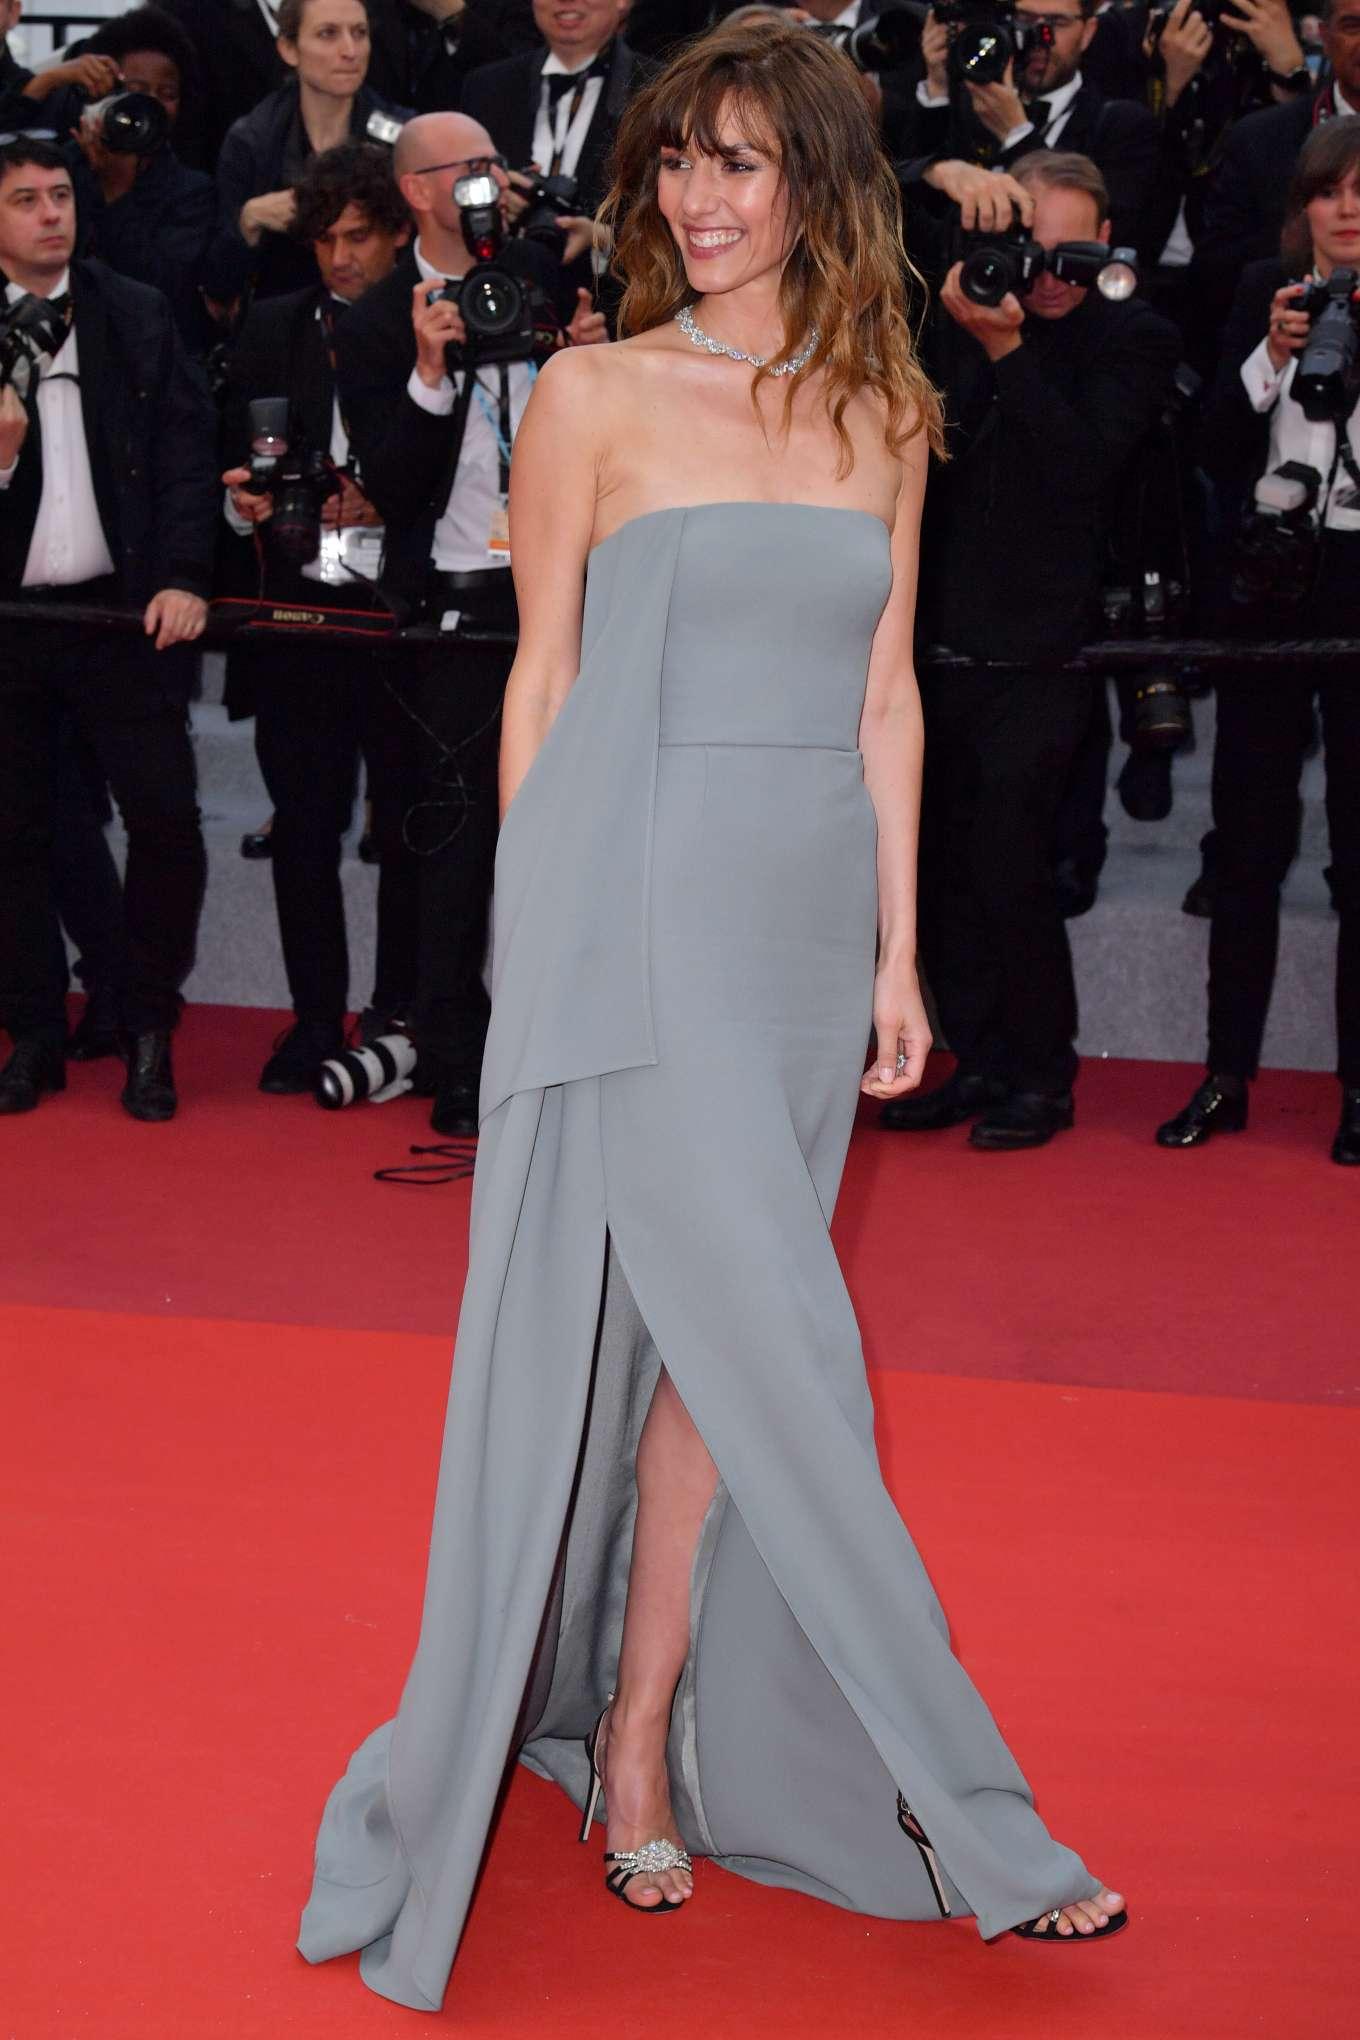 Doria Tillier 2019 : Doria Tillier: La Belle Epoque Premiere at 2019 Cannes Film Festival-06